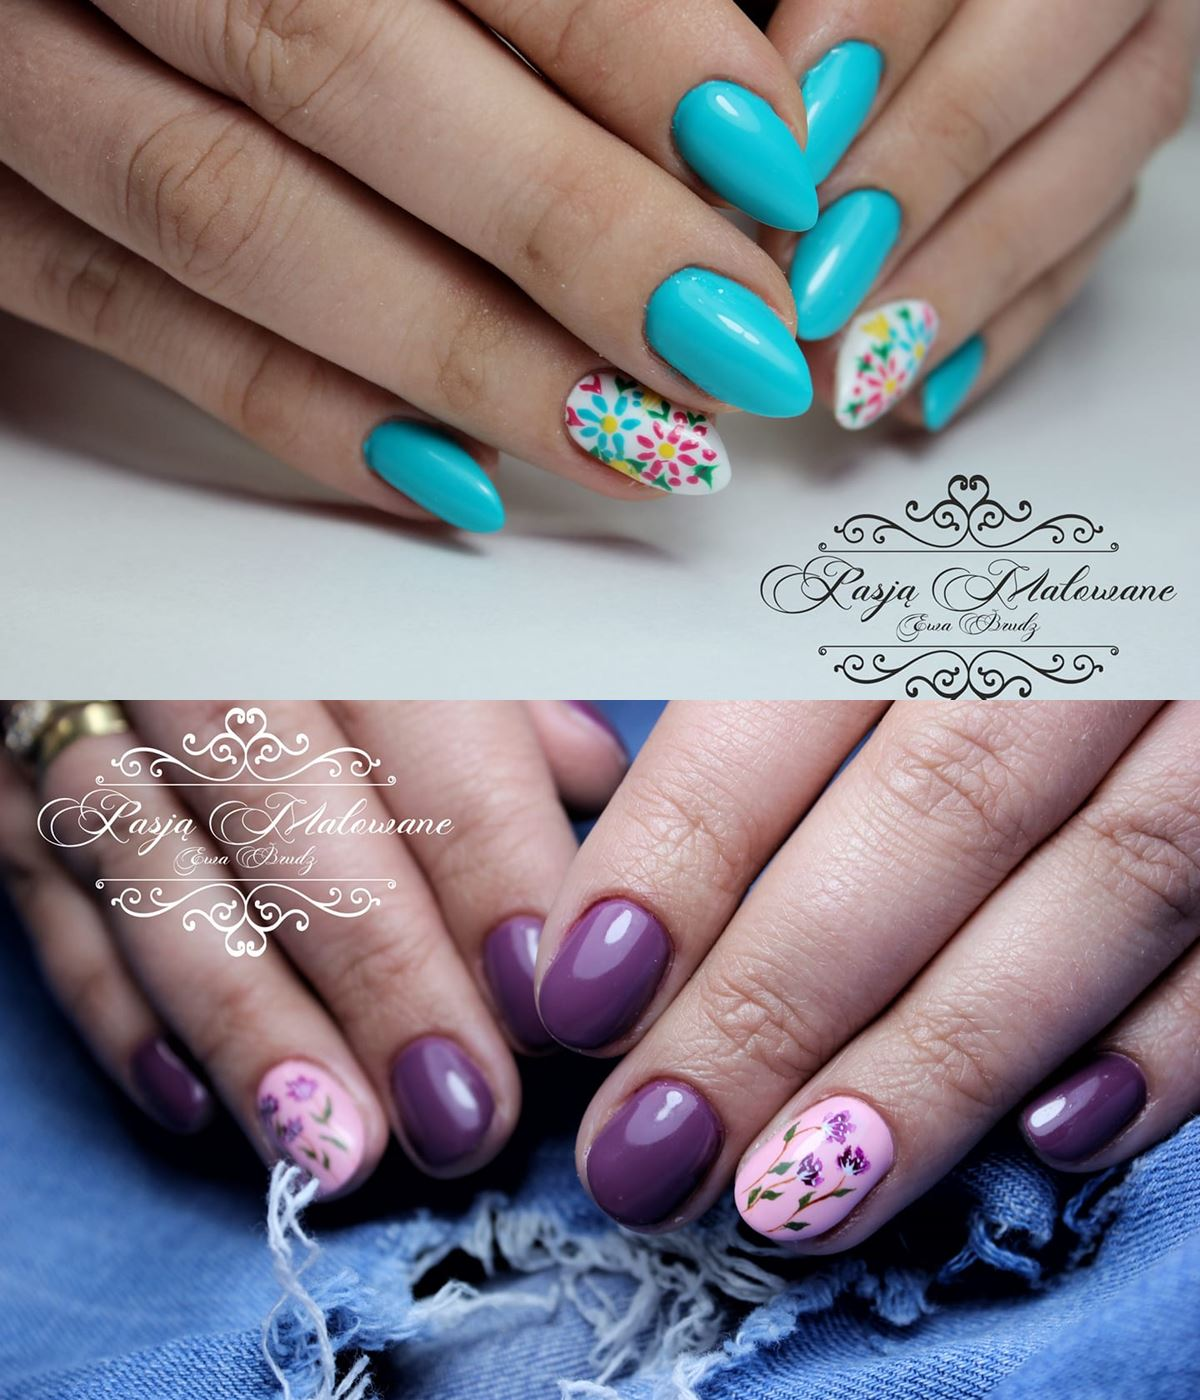 pomysł na paznokcie z kwiatkami